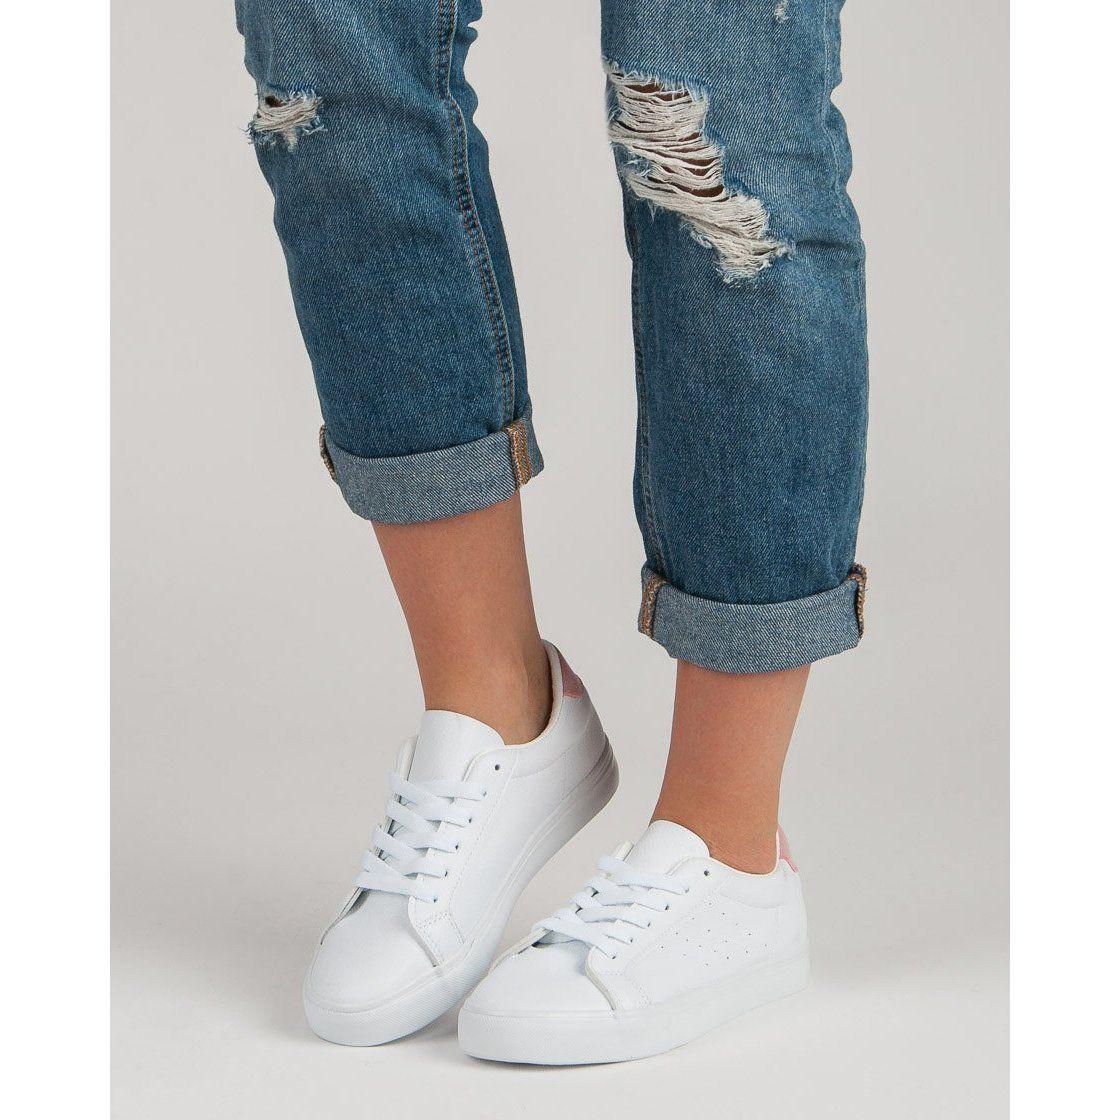 Biale Buty Sportowe Rozowe Adidas Stan Smith Adidas Stan Fashion